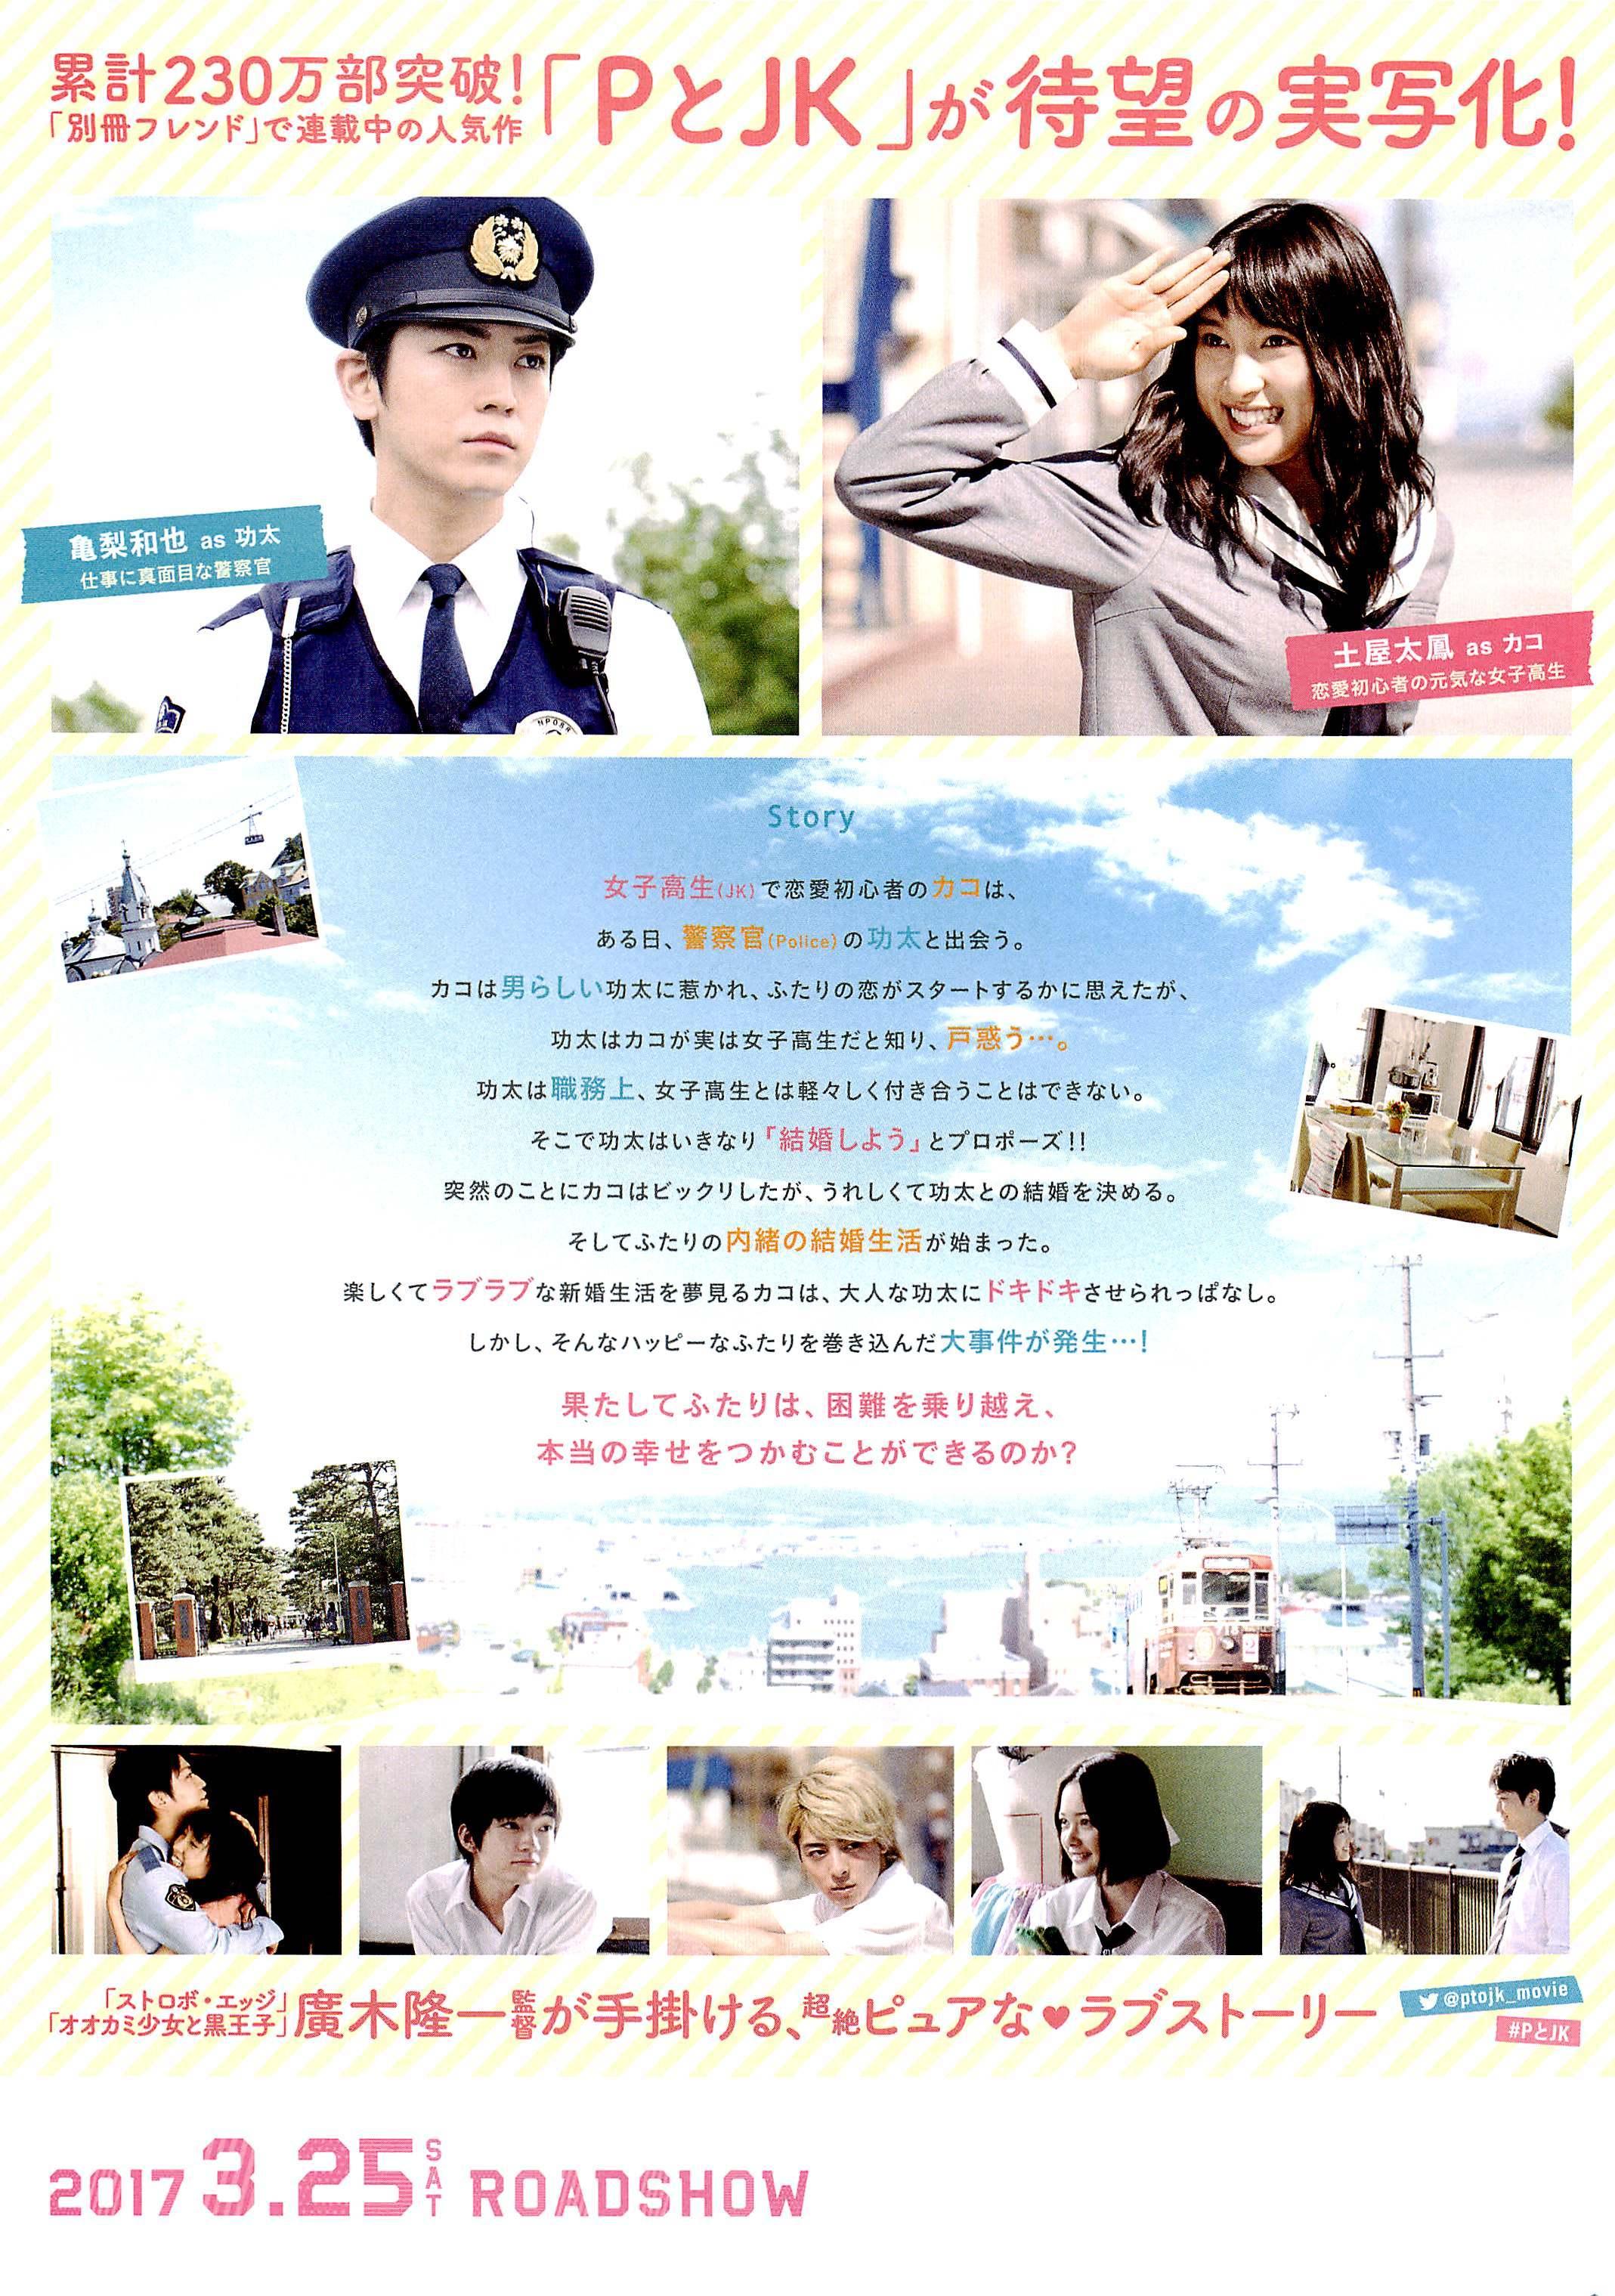 映画「PとJK」2